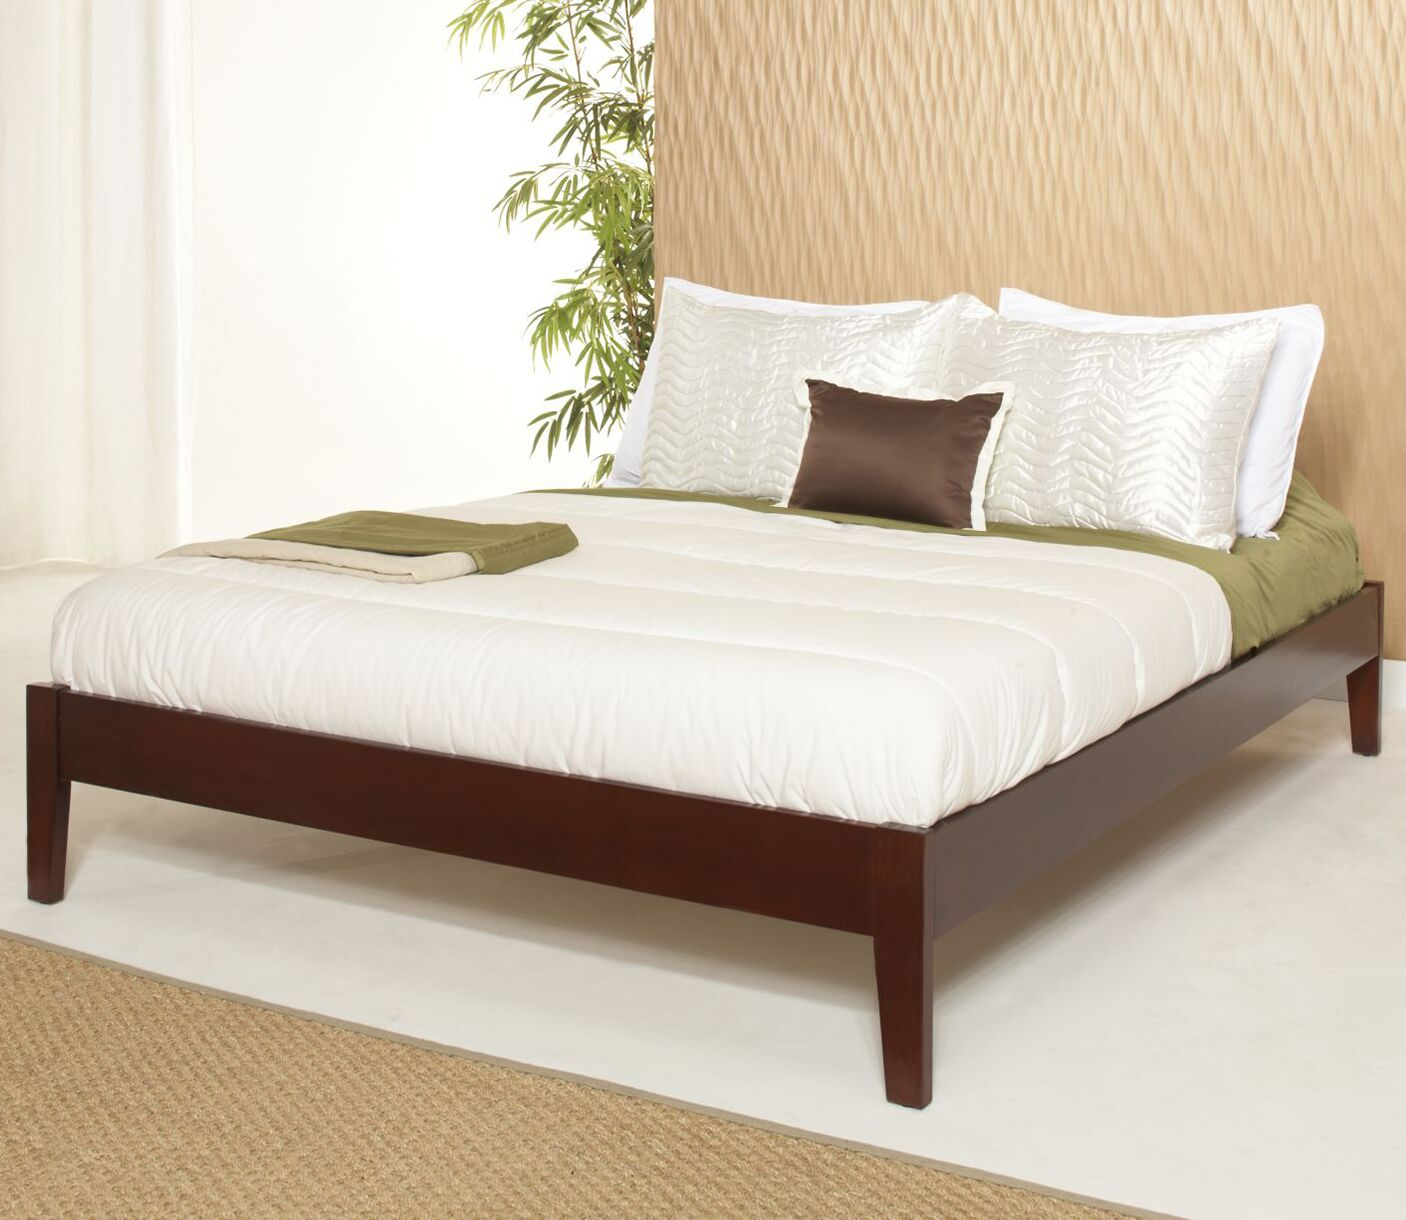 Keevan Platform Bed Color: Cordovan, Size: Twin